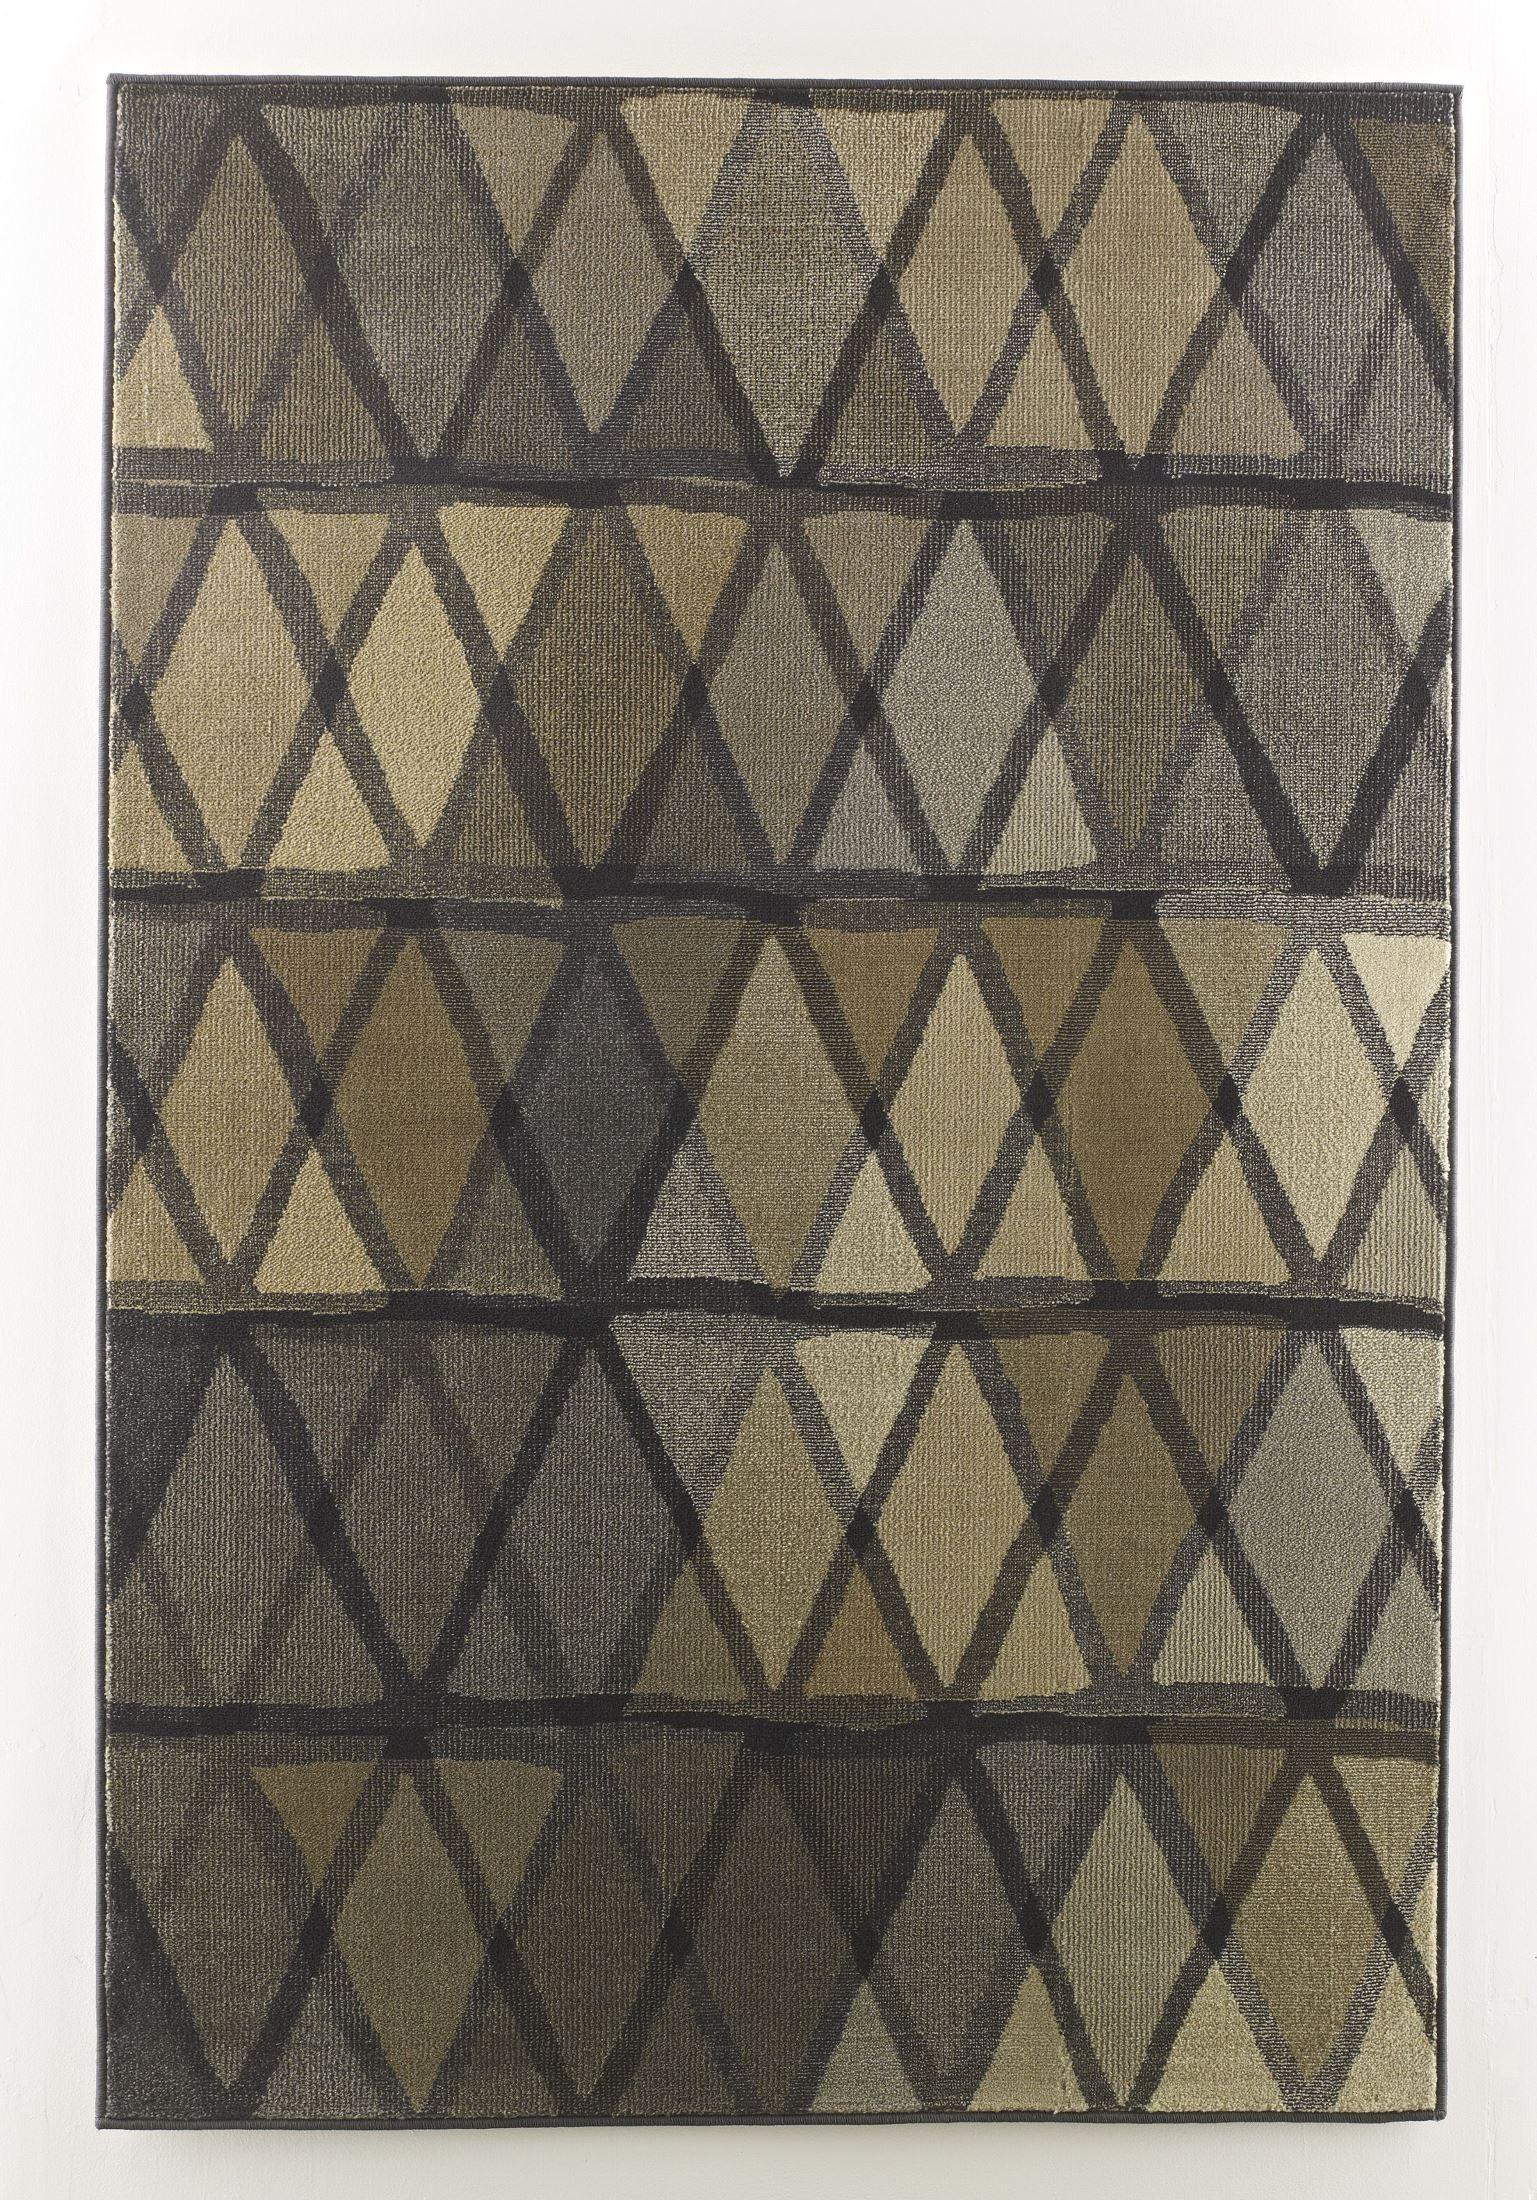 Mallbern Medium Rug R Ashley Furniture